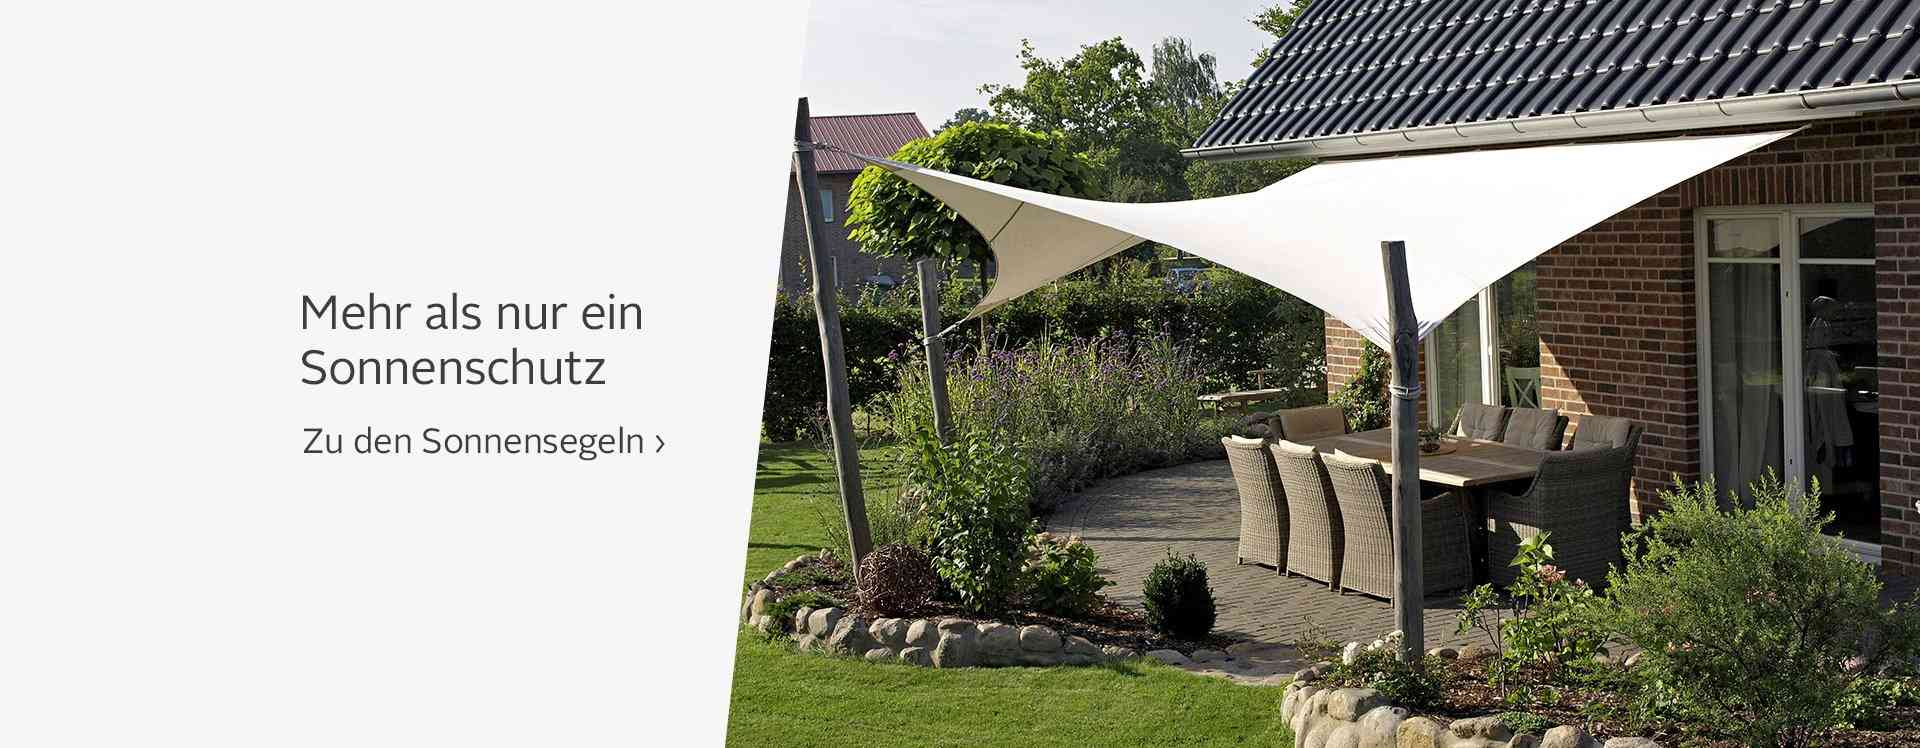 Garten Balkon Alles F R Terasse Garten Kaufen Otto